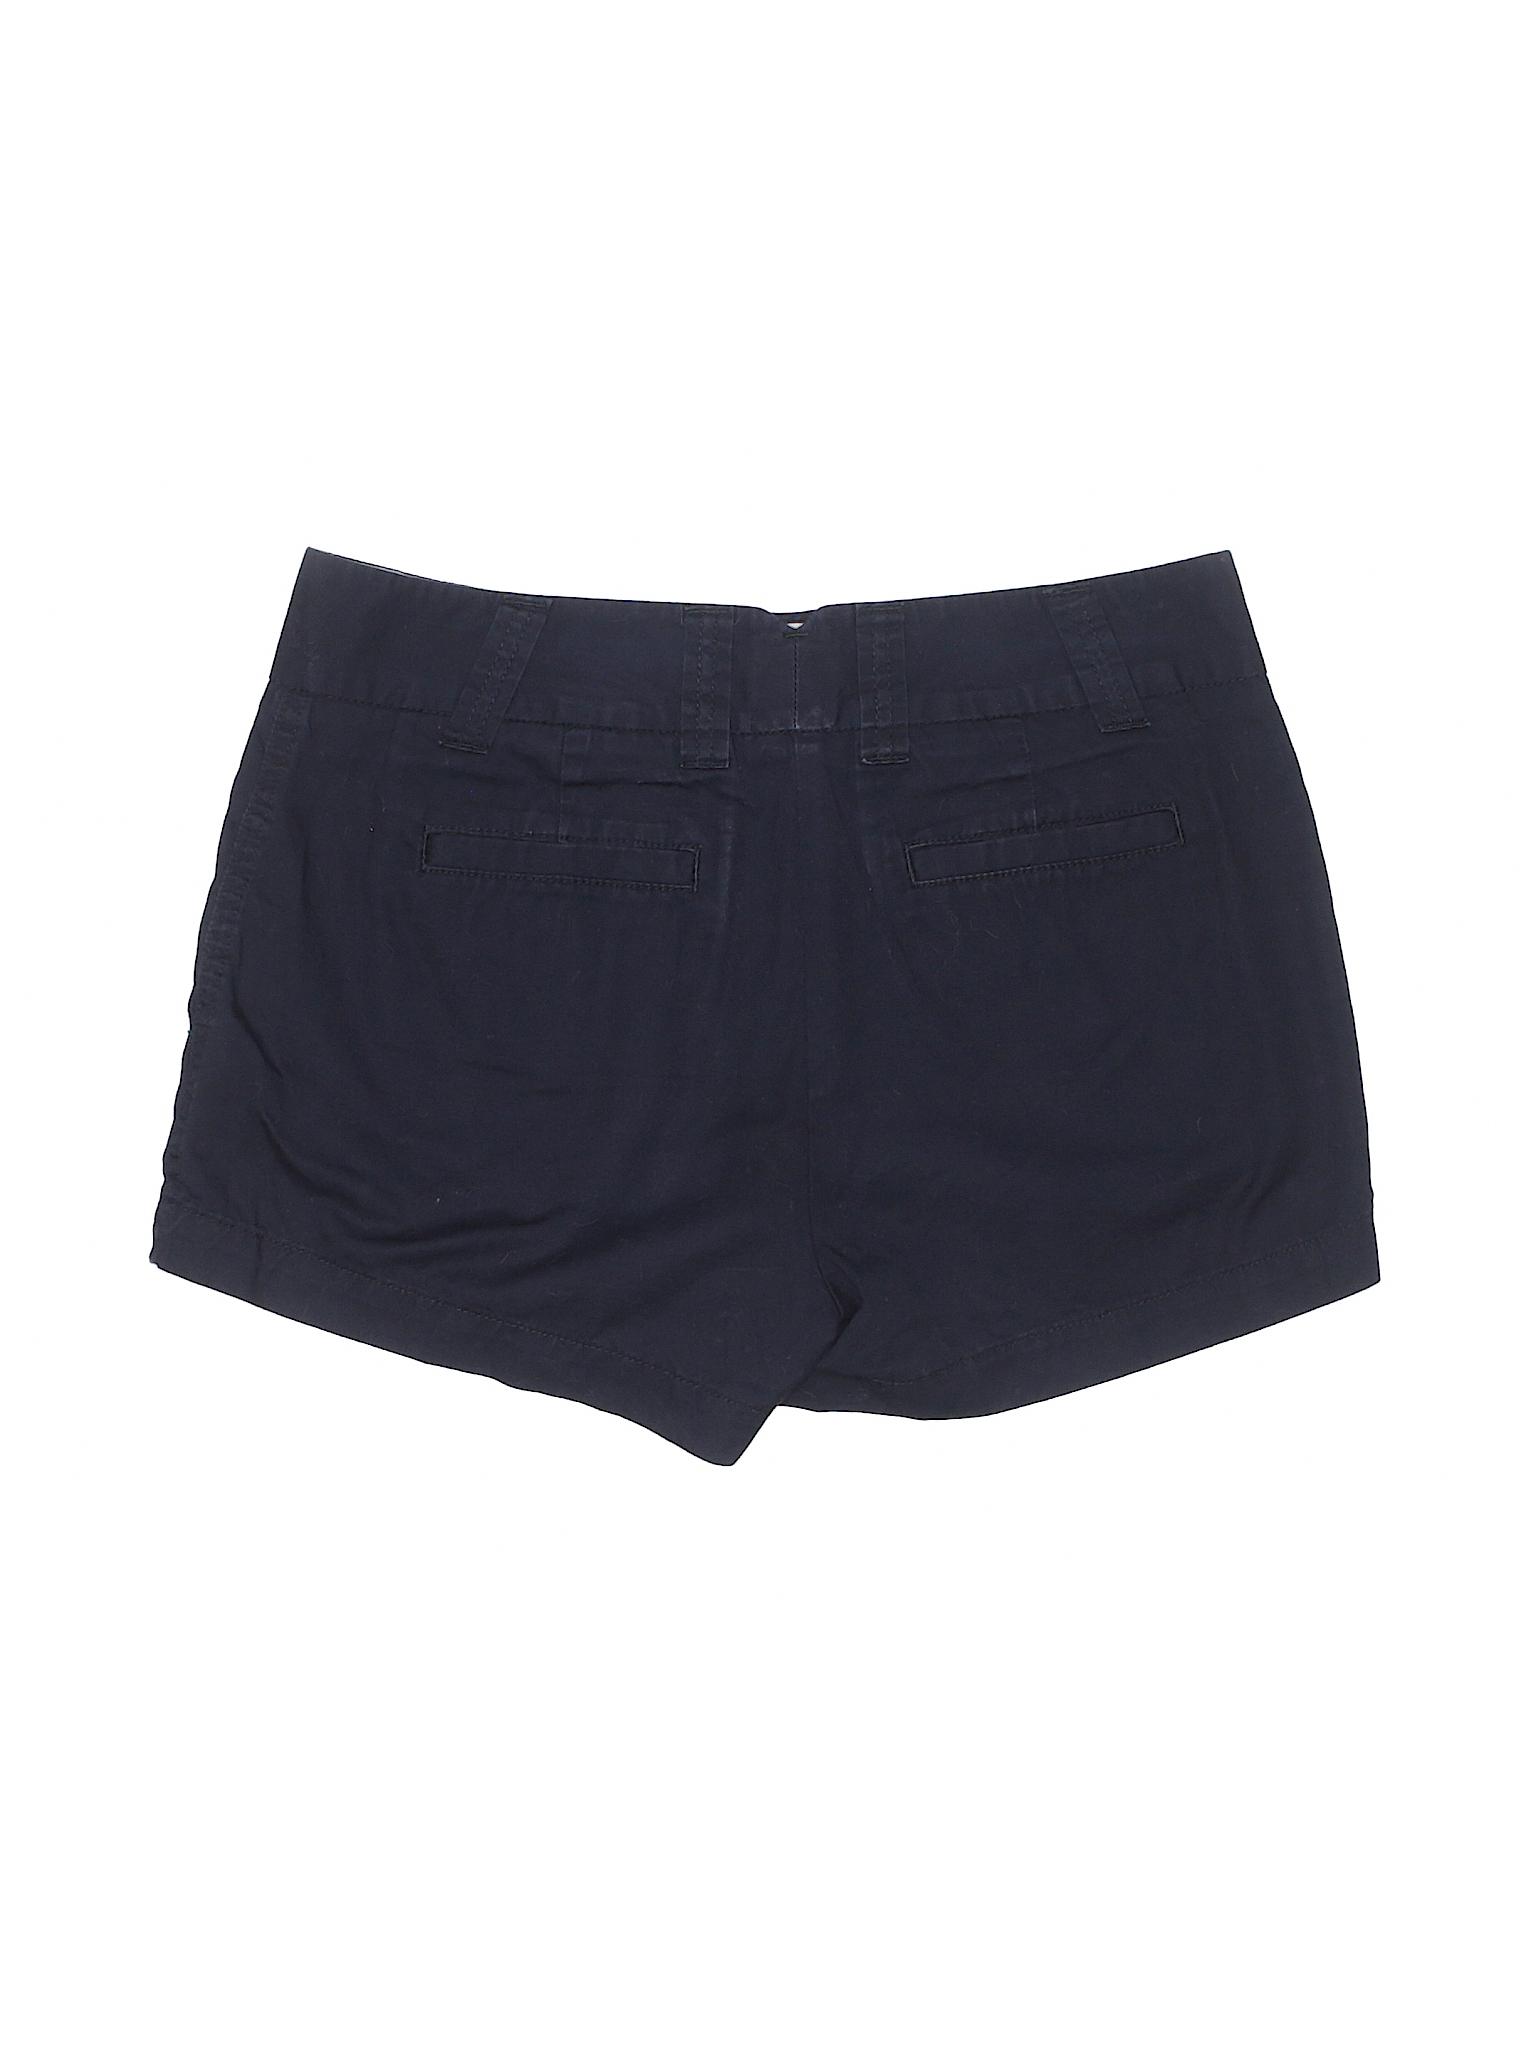 Boutique Crew J Shorts Factory Store Khaki Y6TFxnPv6